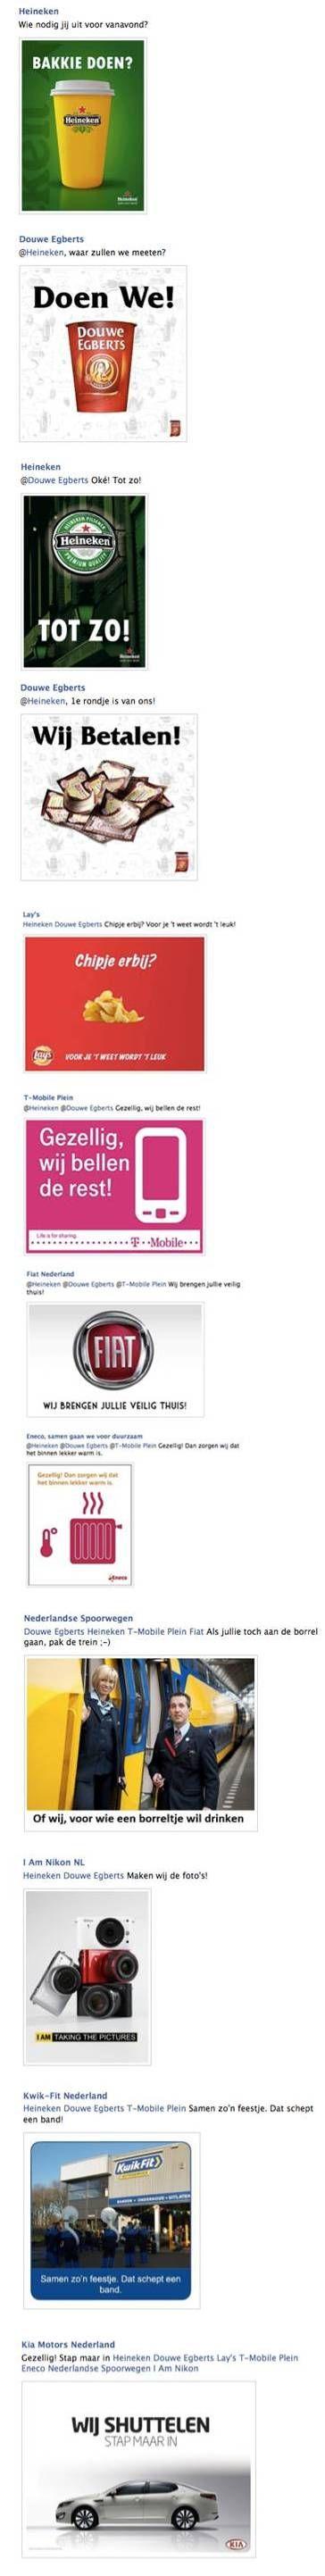 Bedrijven die op elkaars Facebook-advertentie inhaken. Dit is nou eens een gezellige manier van merkenreclame ;-). Wat zullen die marketeers achter die merken een lol gehad hebben... het zijn soms net gewoon mensen ;-)